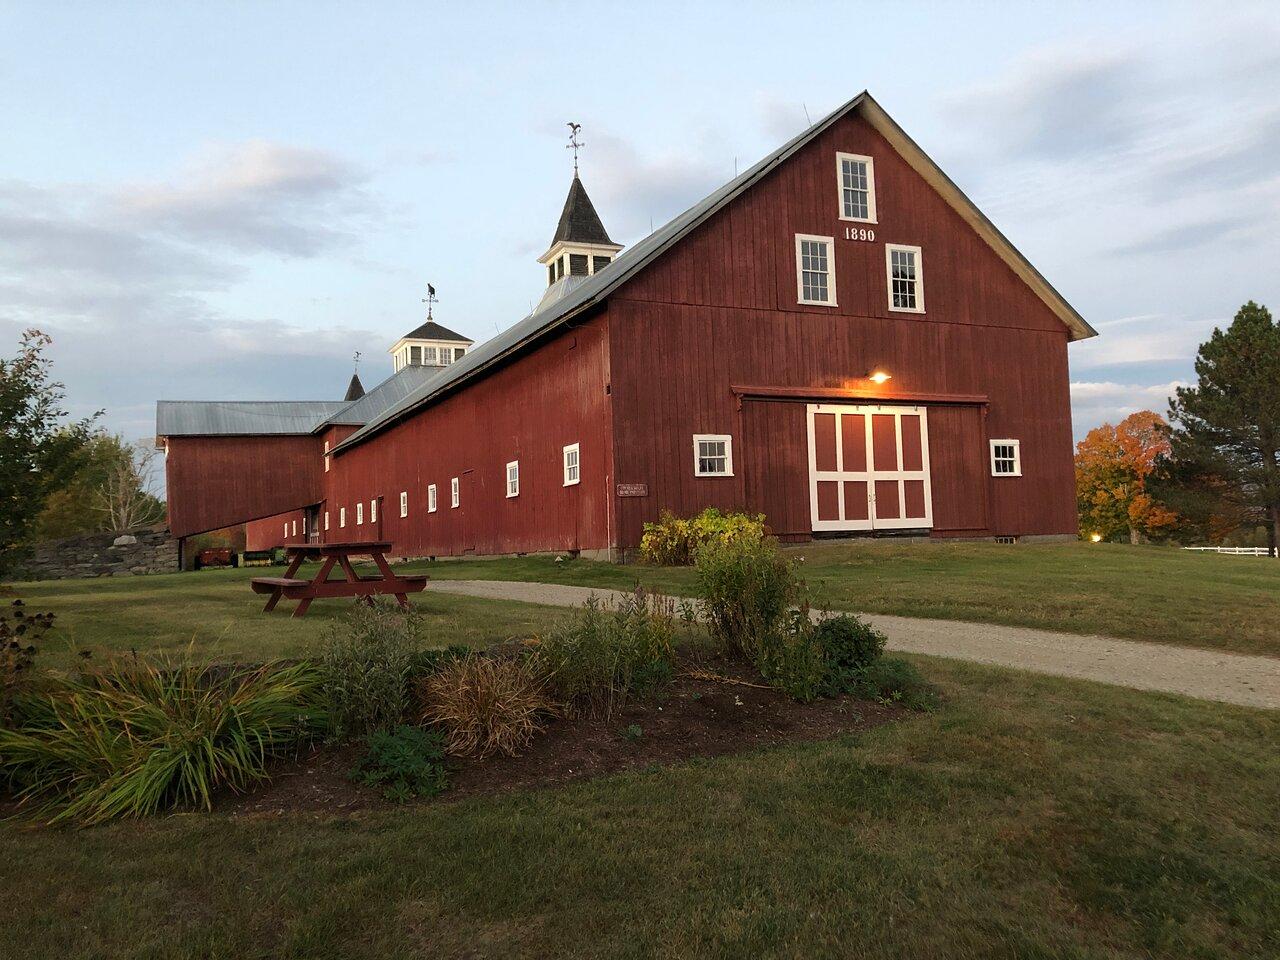 Inn At Mountain View Farm Updated 2021 Prices B B Reviews East Burke Vt Tripadvisor